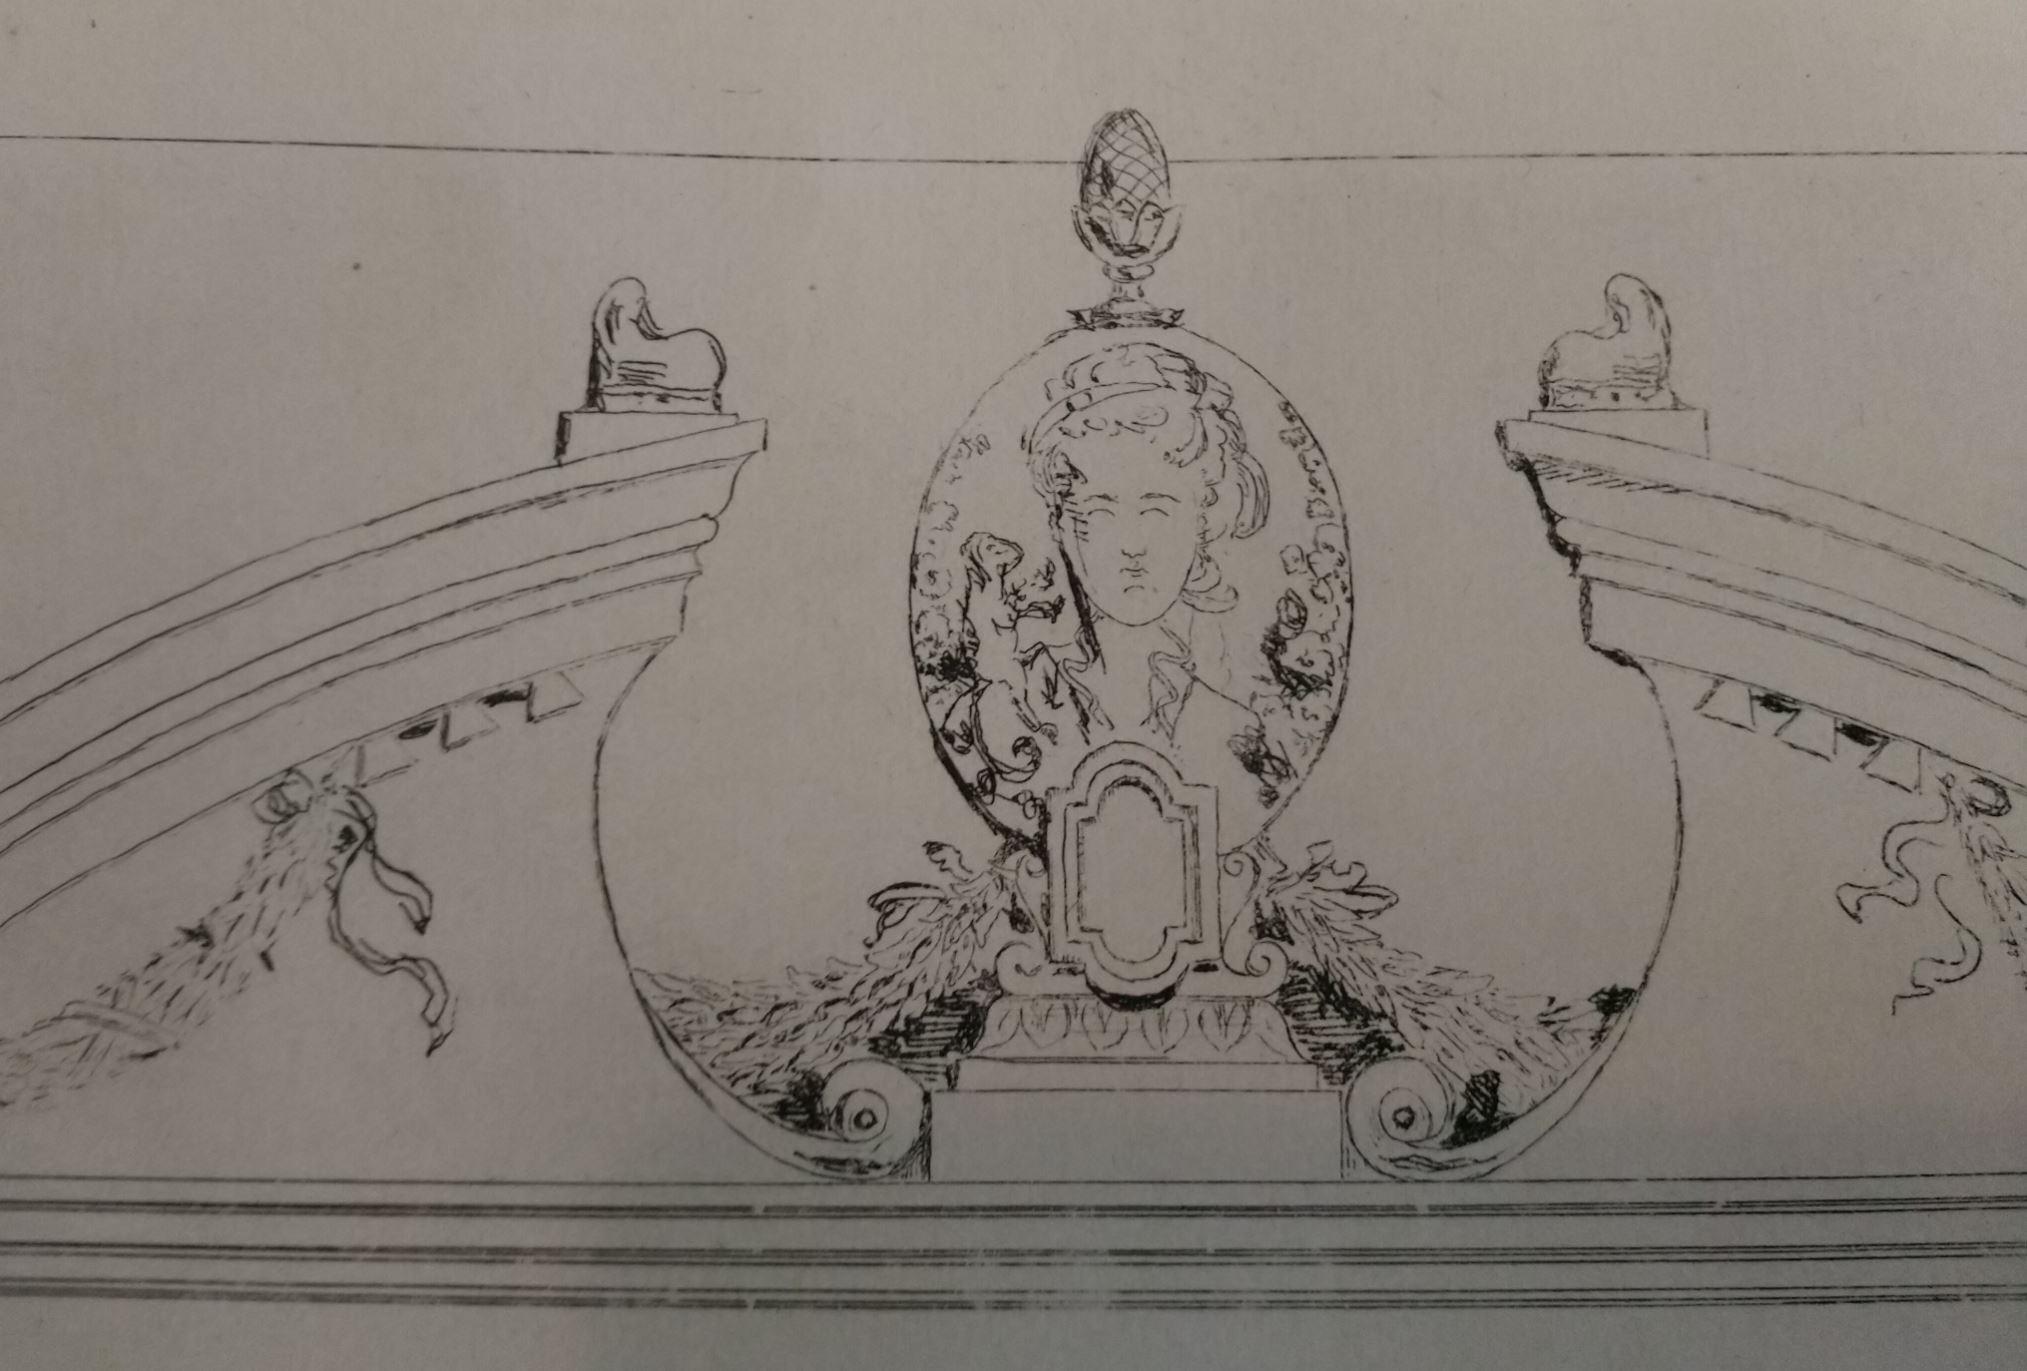 Leopold Armand Hugo BNF Facade de meuble detail 1